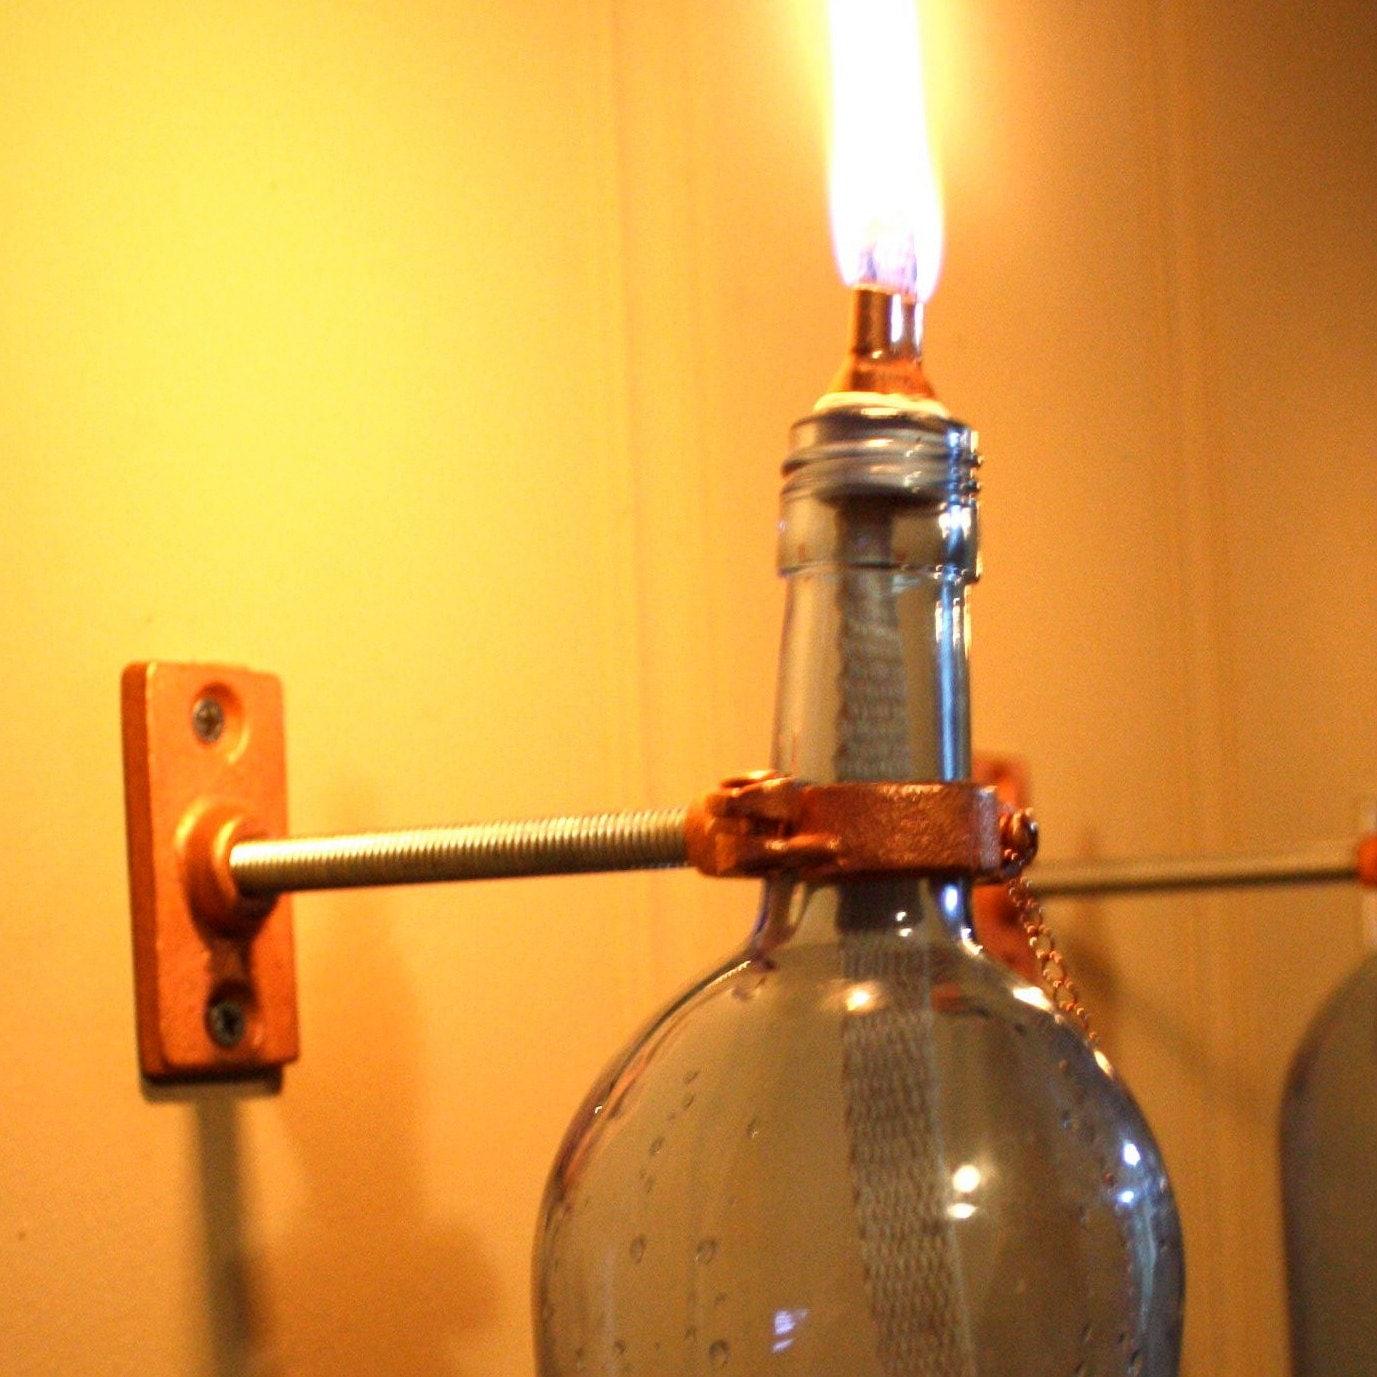 2 Blue Wine Bottle Oil Lamps - INDOOR - Modern Lighting - Hurricane Lantern  - Wall Light - gift idea for mom - 2 Blue Wine Bottle Oil Lamps - INDOOR - Modern Lighting - -